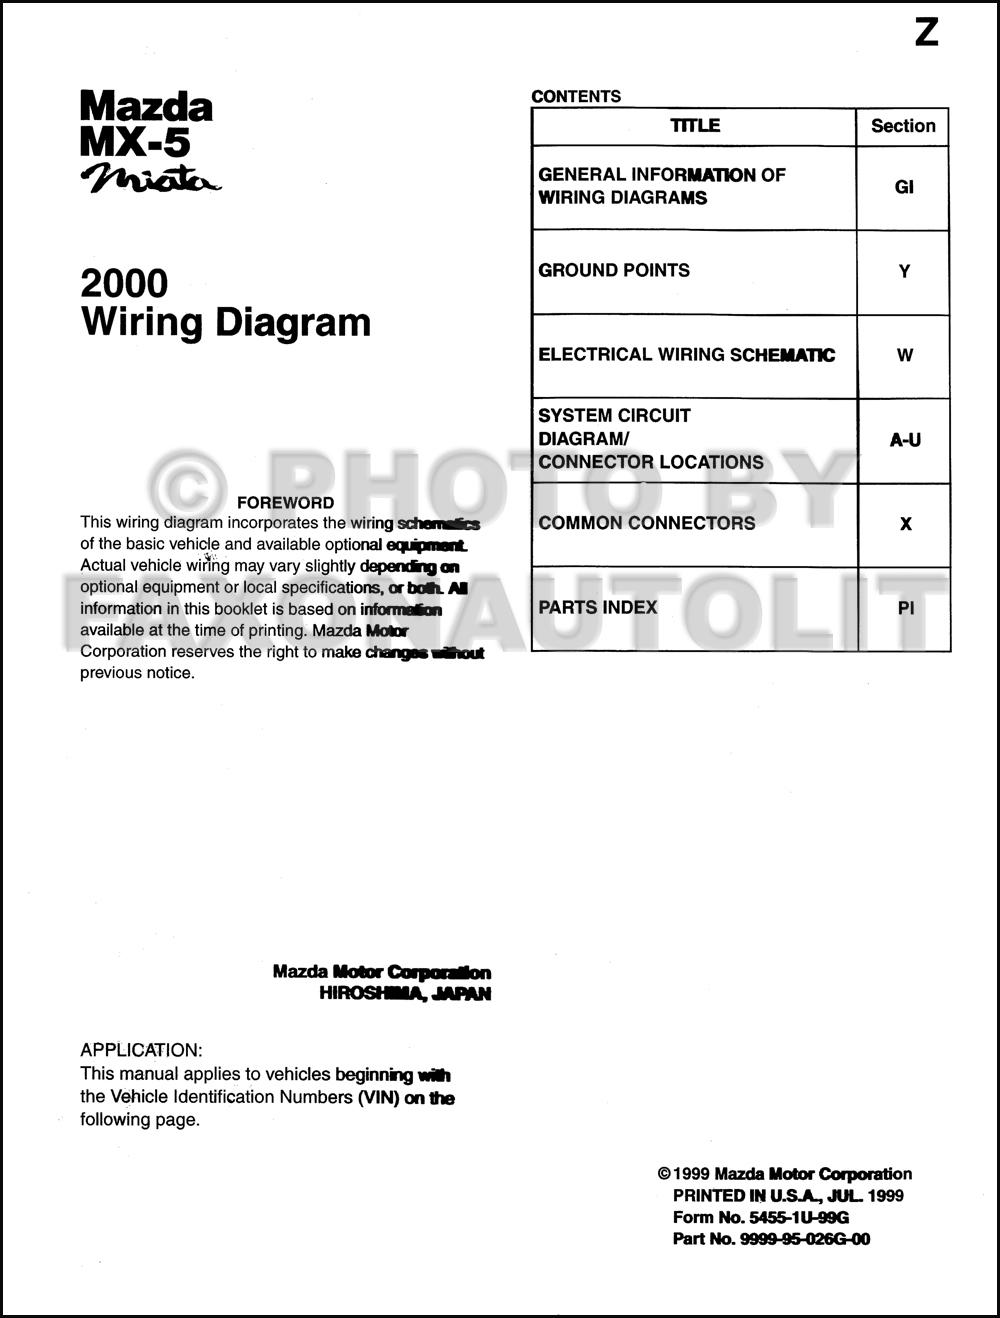 1993 Mazda Mx 3 Wiring Diagram Manual Original